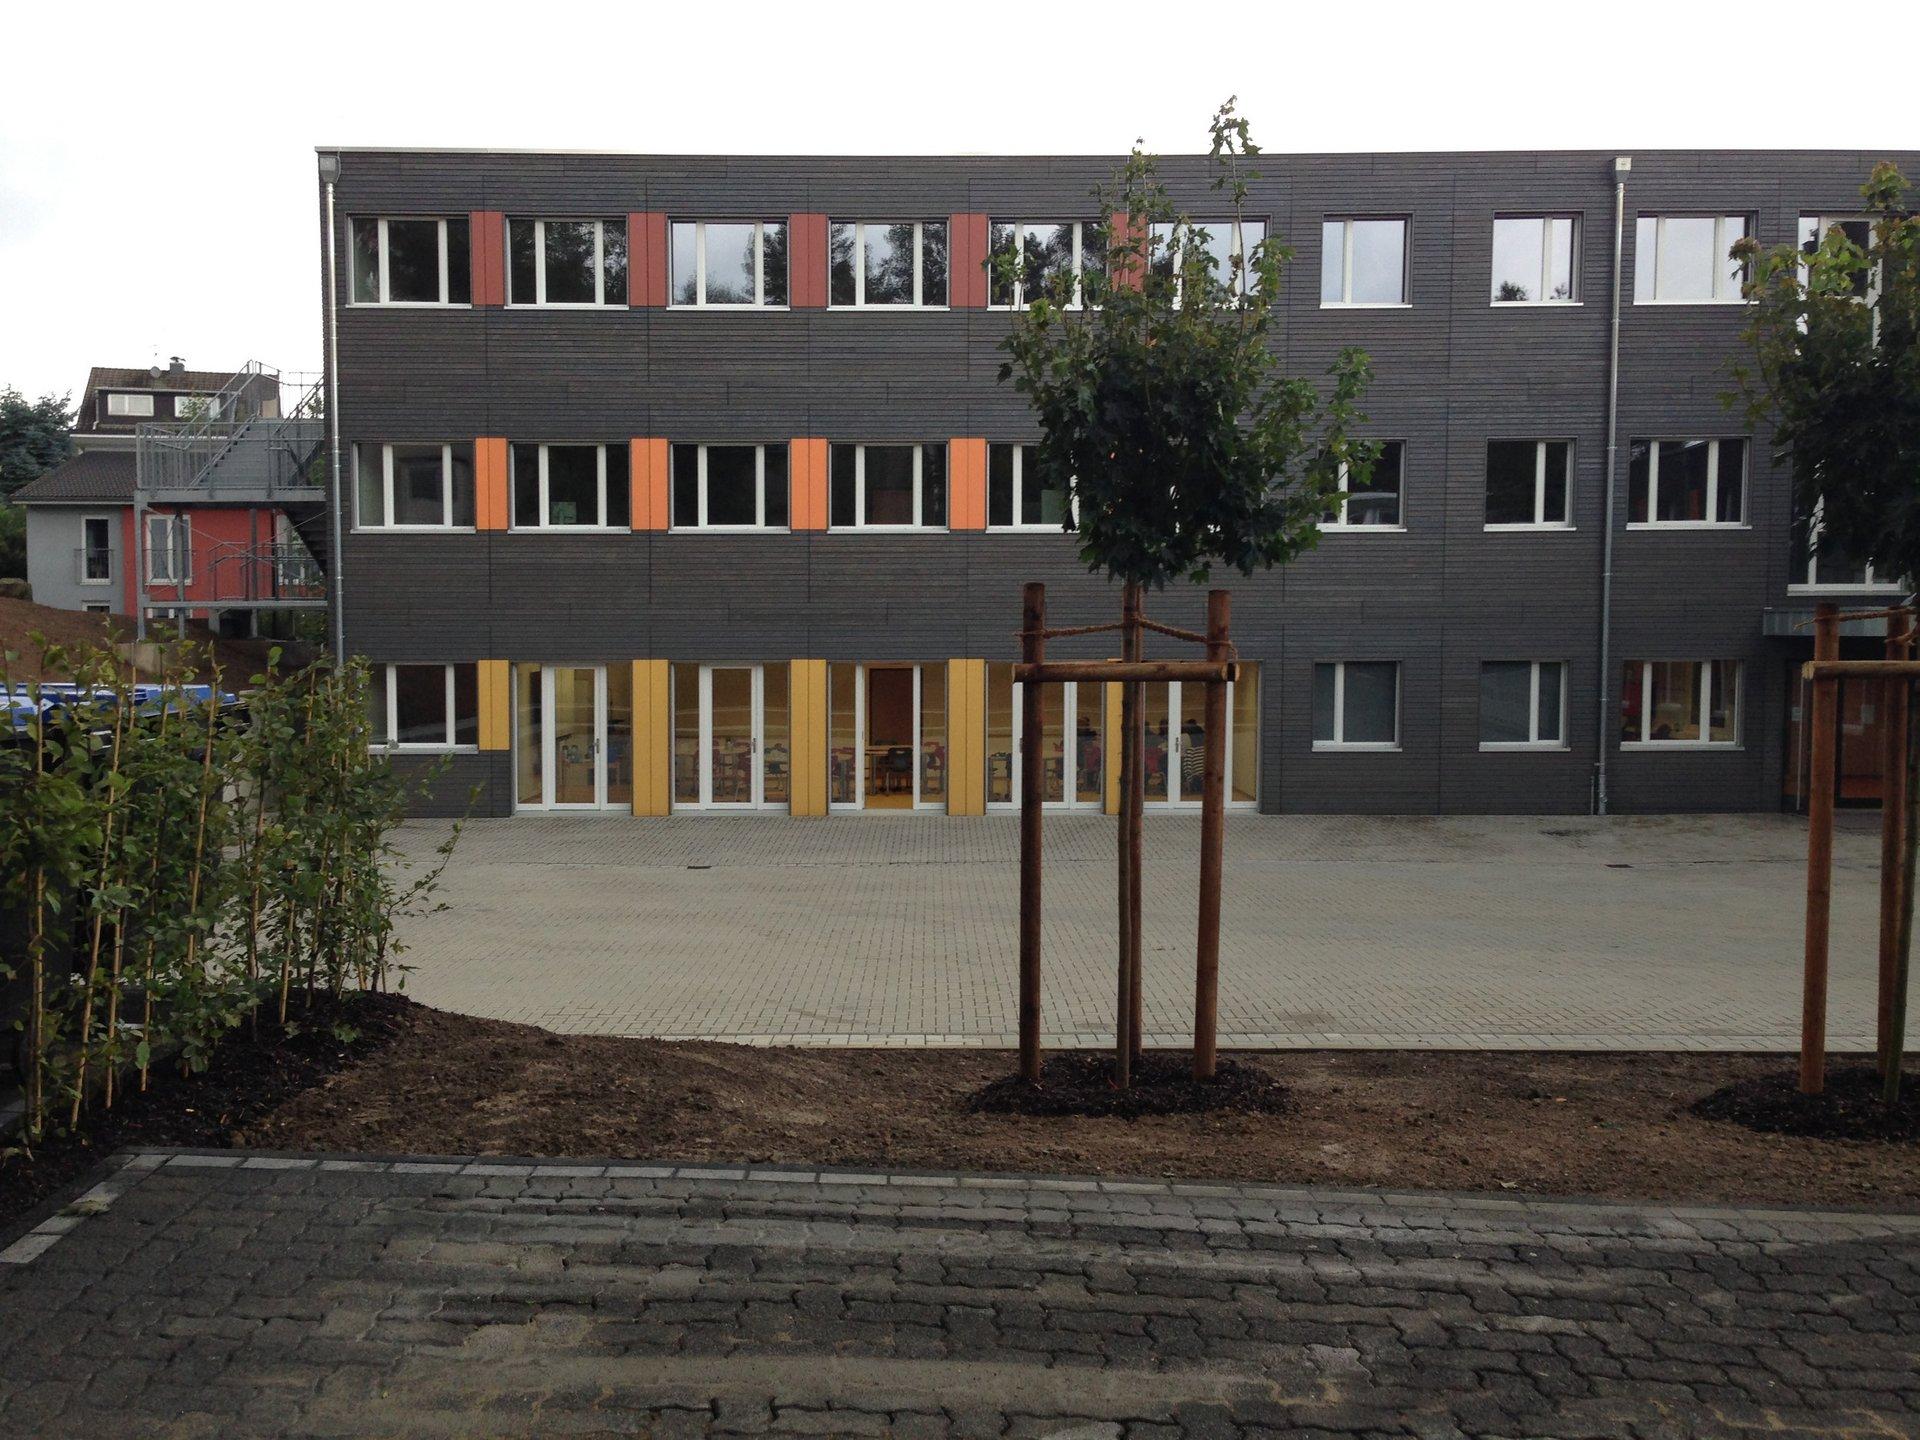 3-geschossiges Schulgebäude in Holz-Modulbauweise